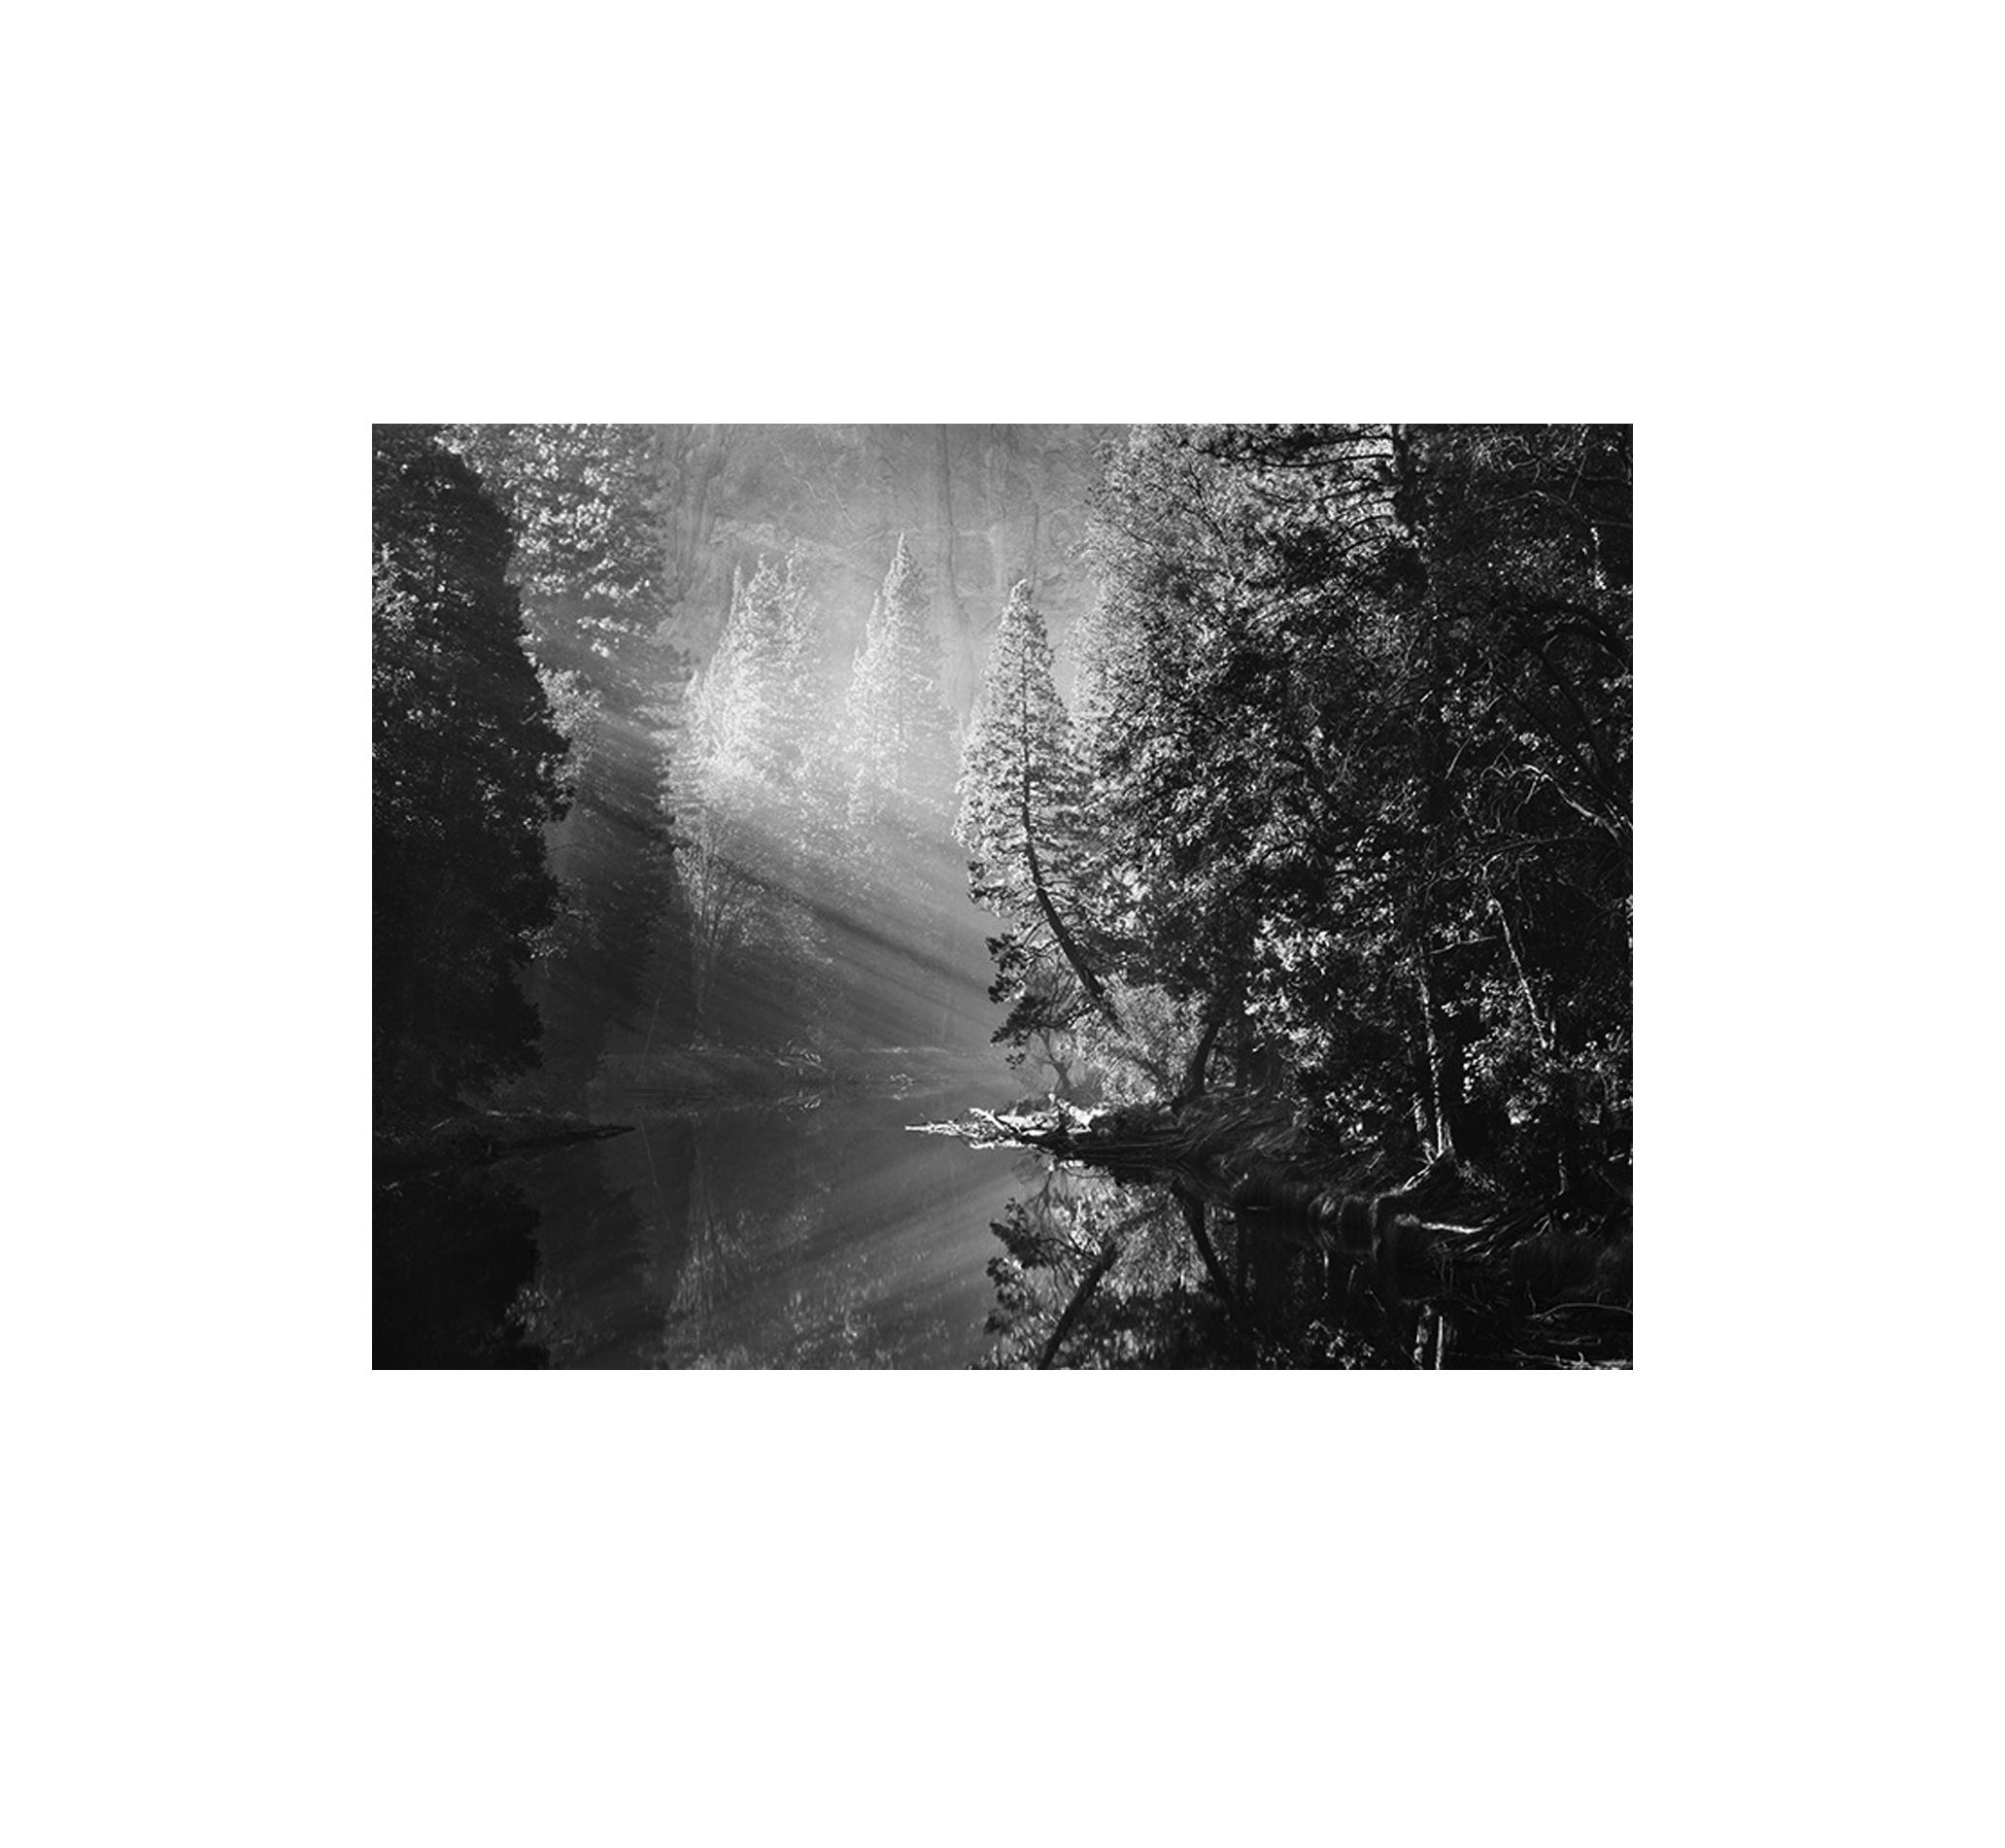 Symphony Forest